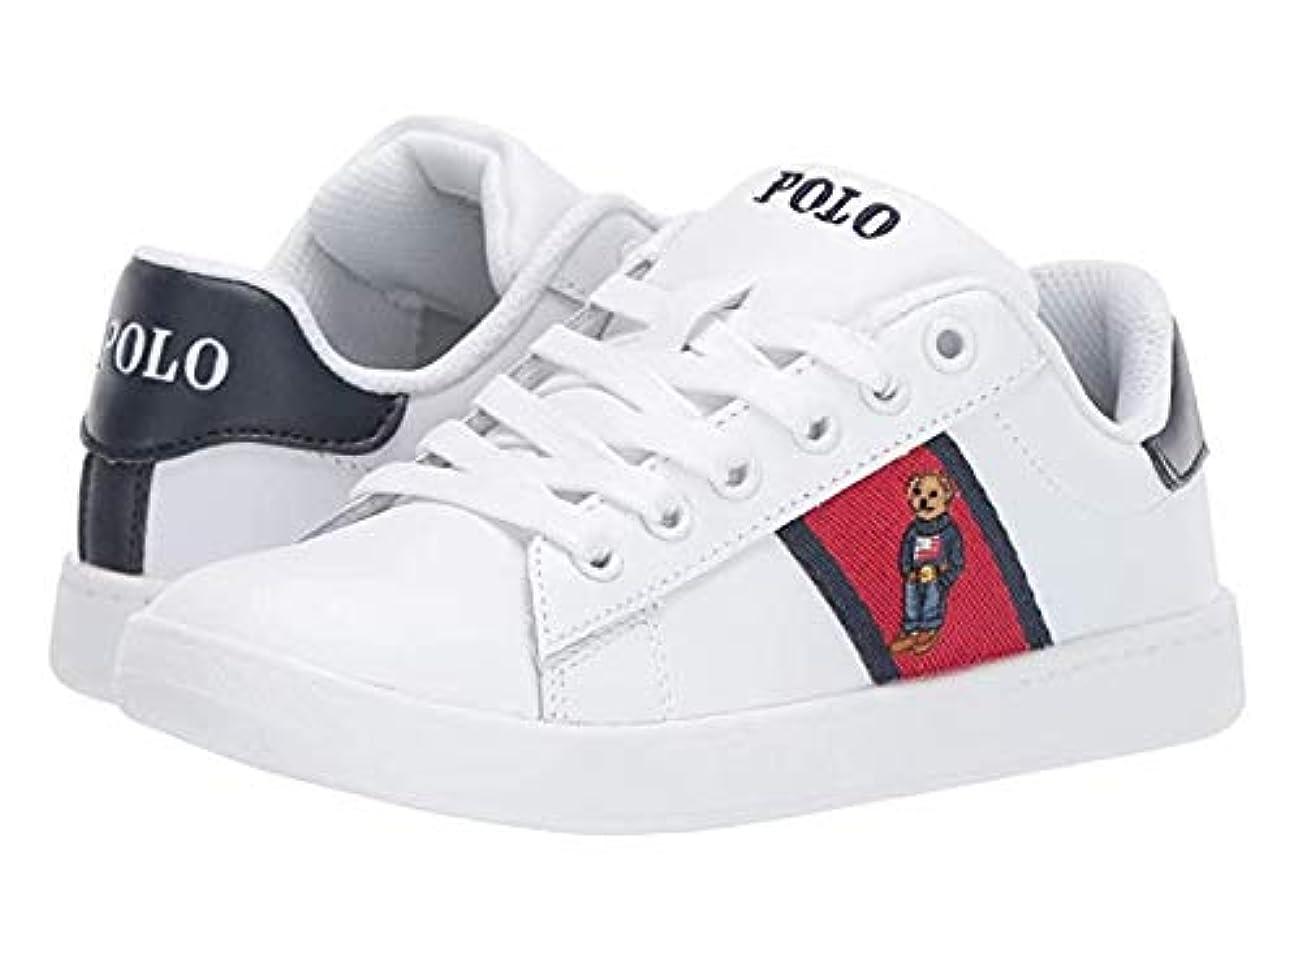 大聖堂勝つ予感[ポロラルフローレン] キッズカジュアルシューズ?靴 Quilton Bear (Little Kid) White Leather/Red/Navy Striping and Americana Boy Bear 21.5cm M [並行輸入品]